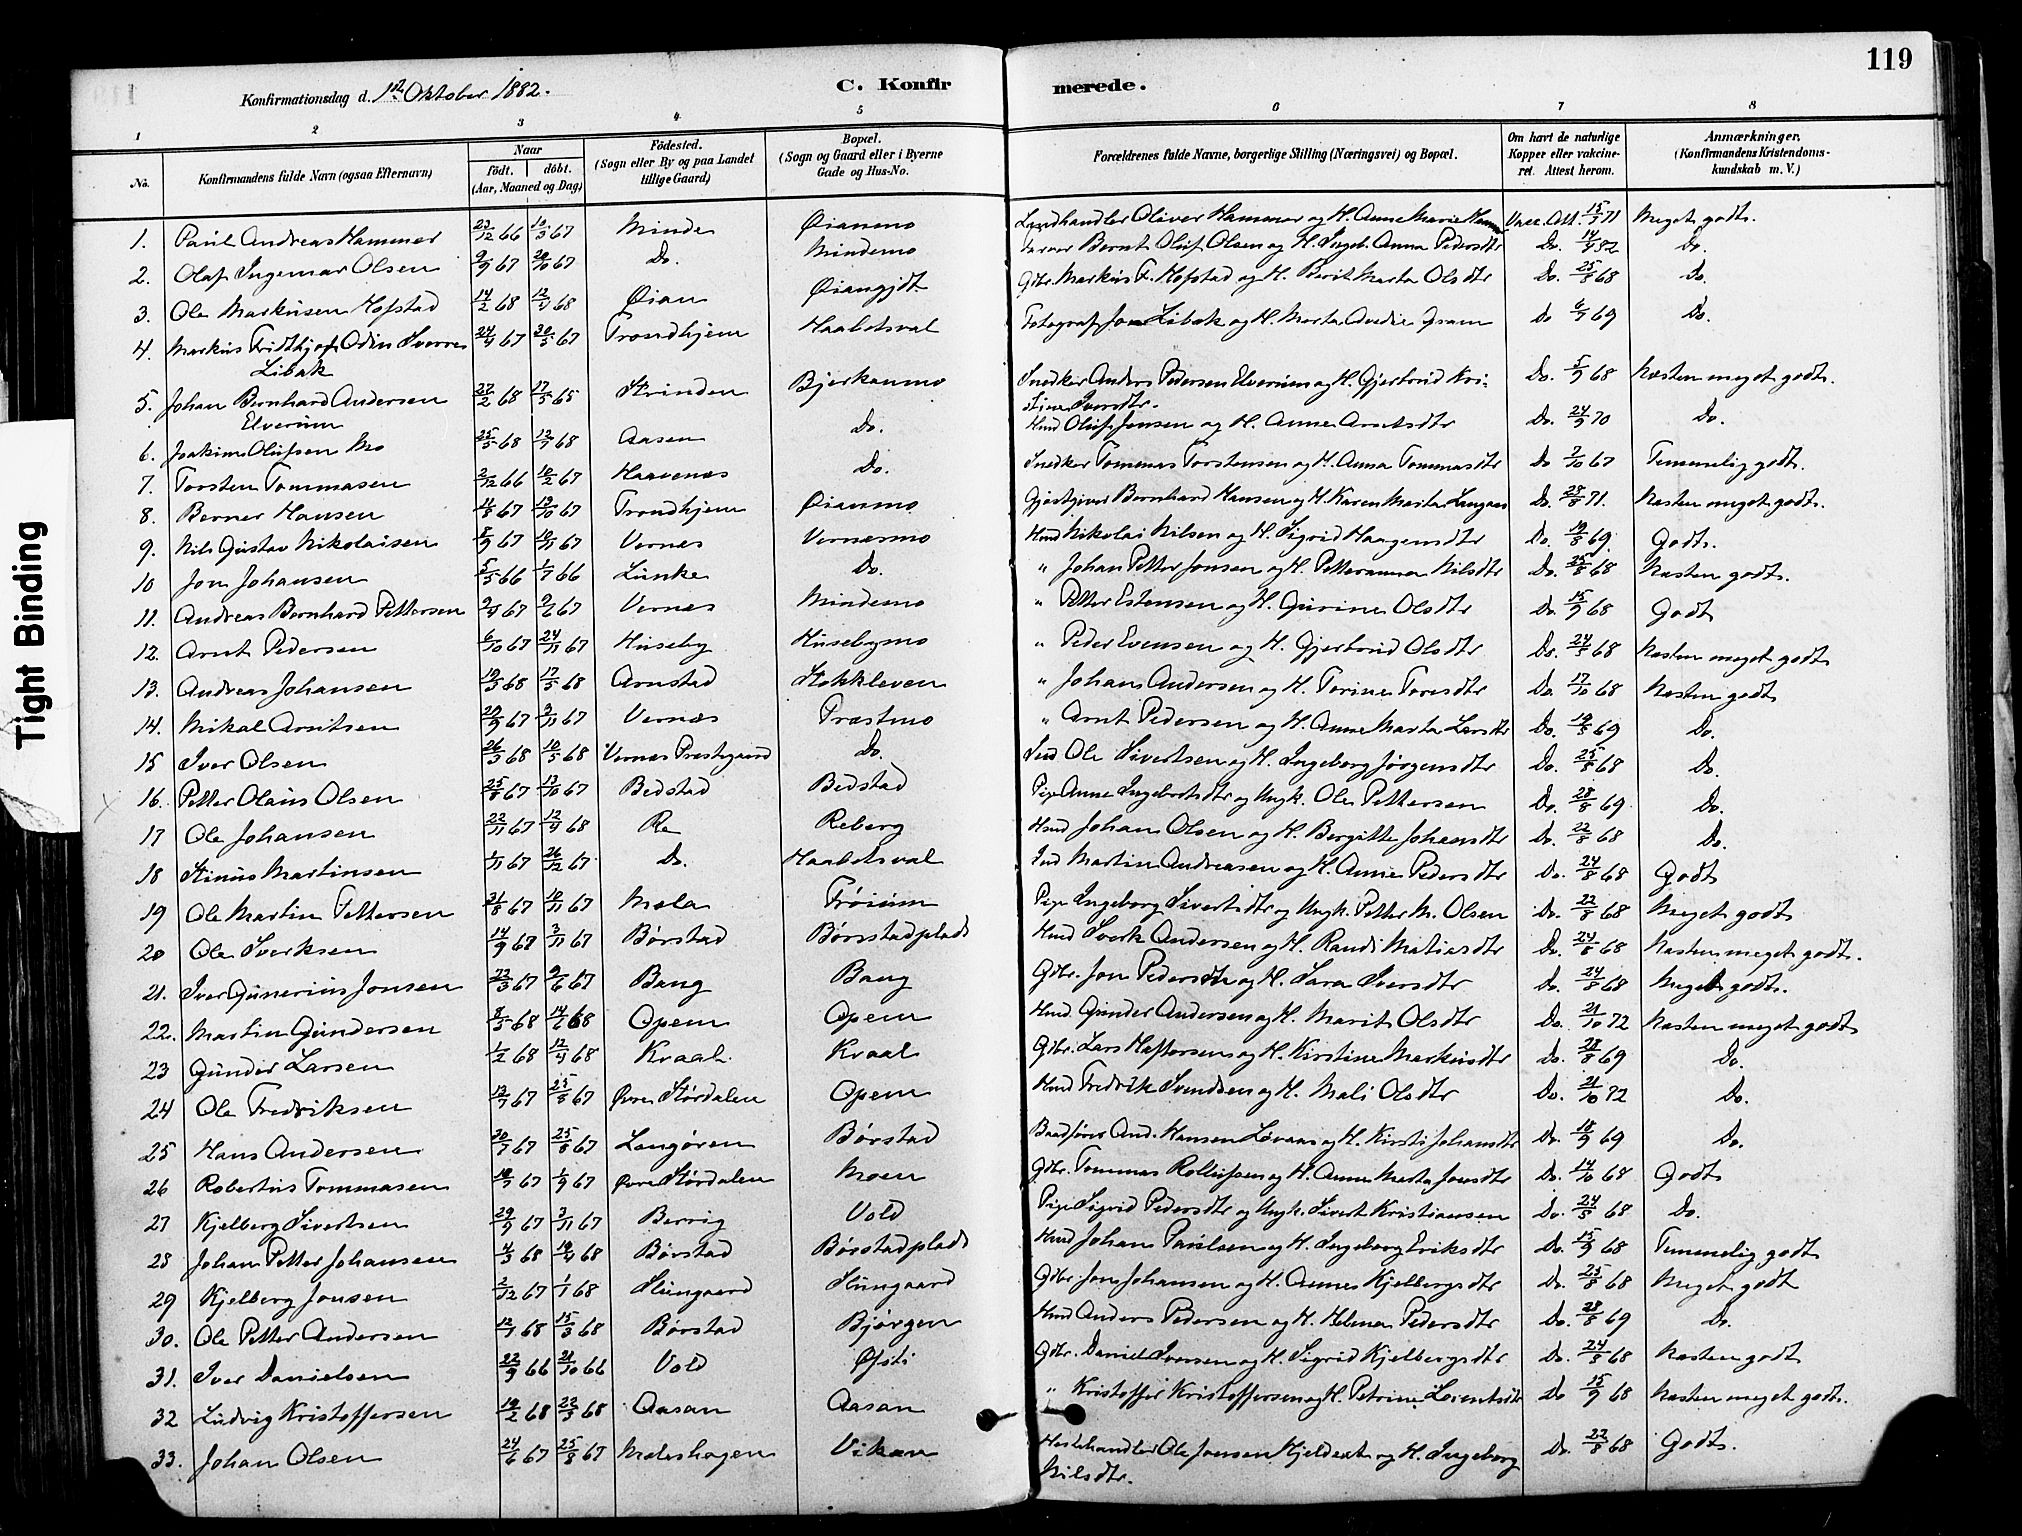 SAT, Ministerialprotokoller, klokkerbøker og fødselsregistre - Nord-Trøndelag, 709/L0077: Ministerialbok nr. 709A17, 1880-1895, s. 119